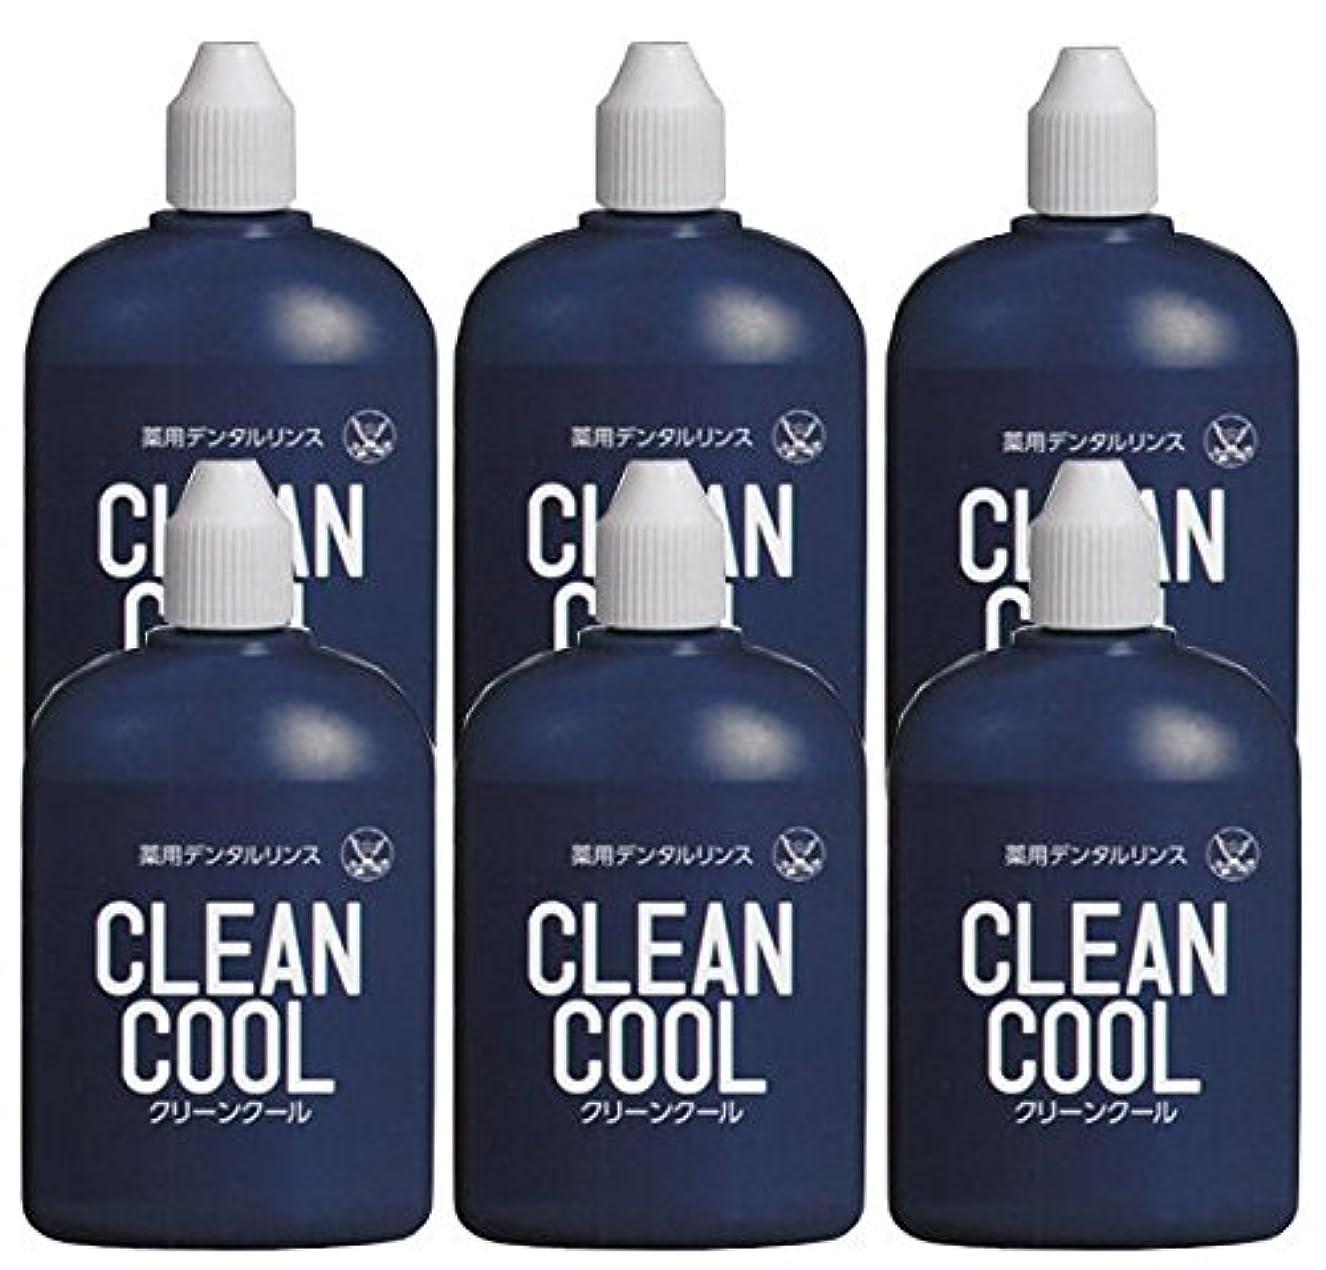 パケットハンマー同等の薬用デンタルリンス クリーンクール (CLEAN COOL) 洗口液 100ml × 6個